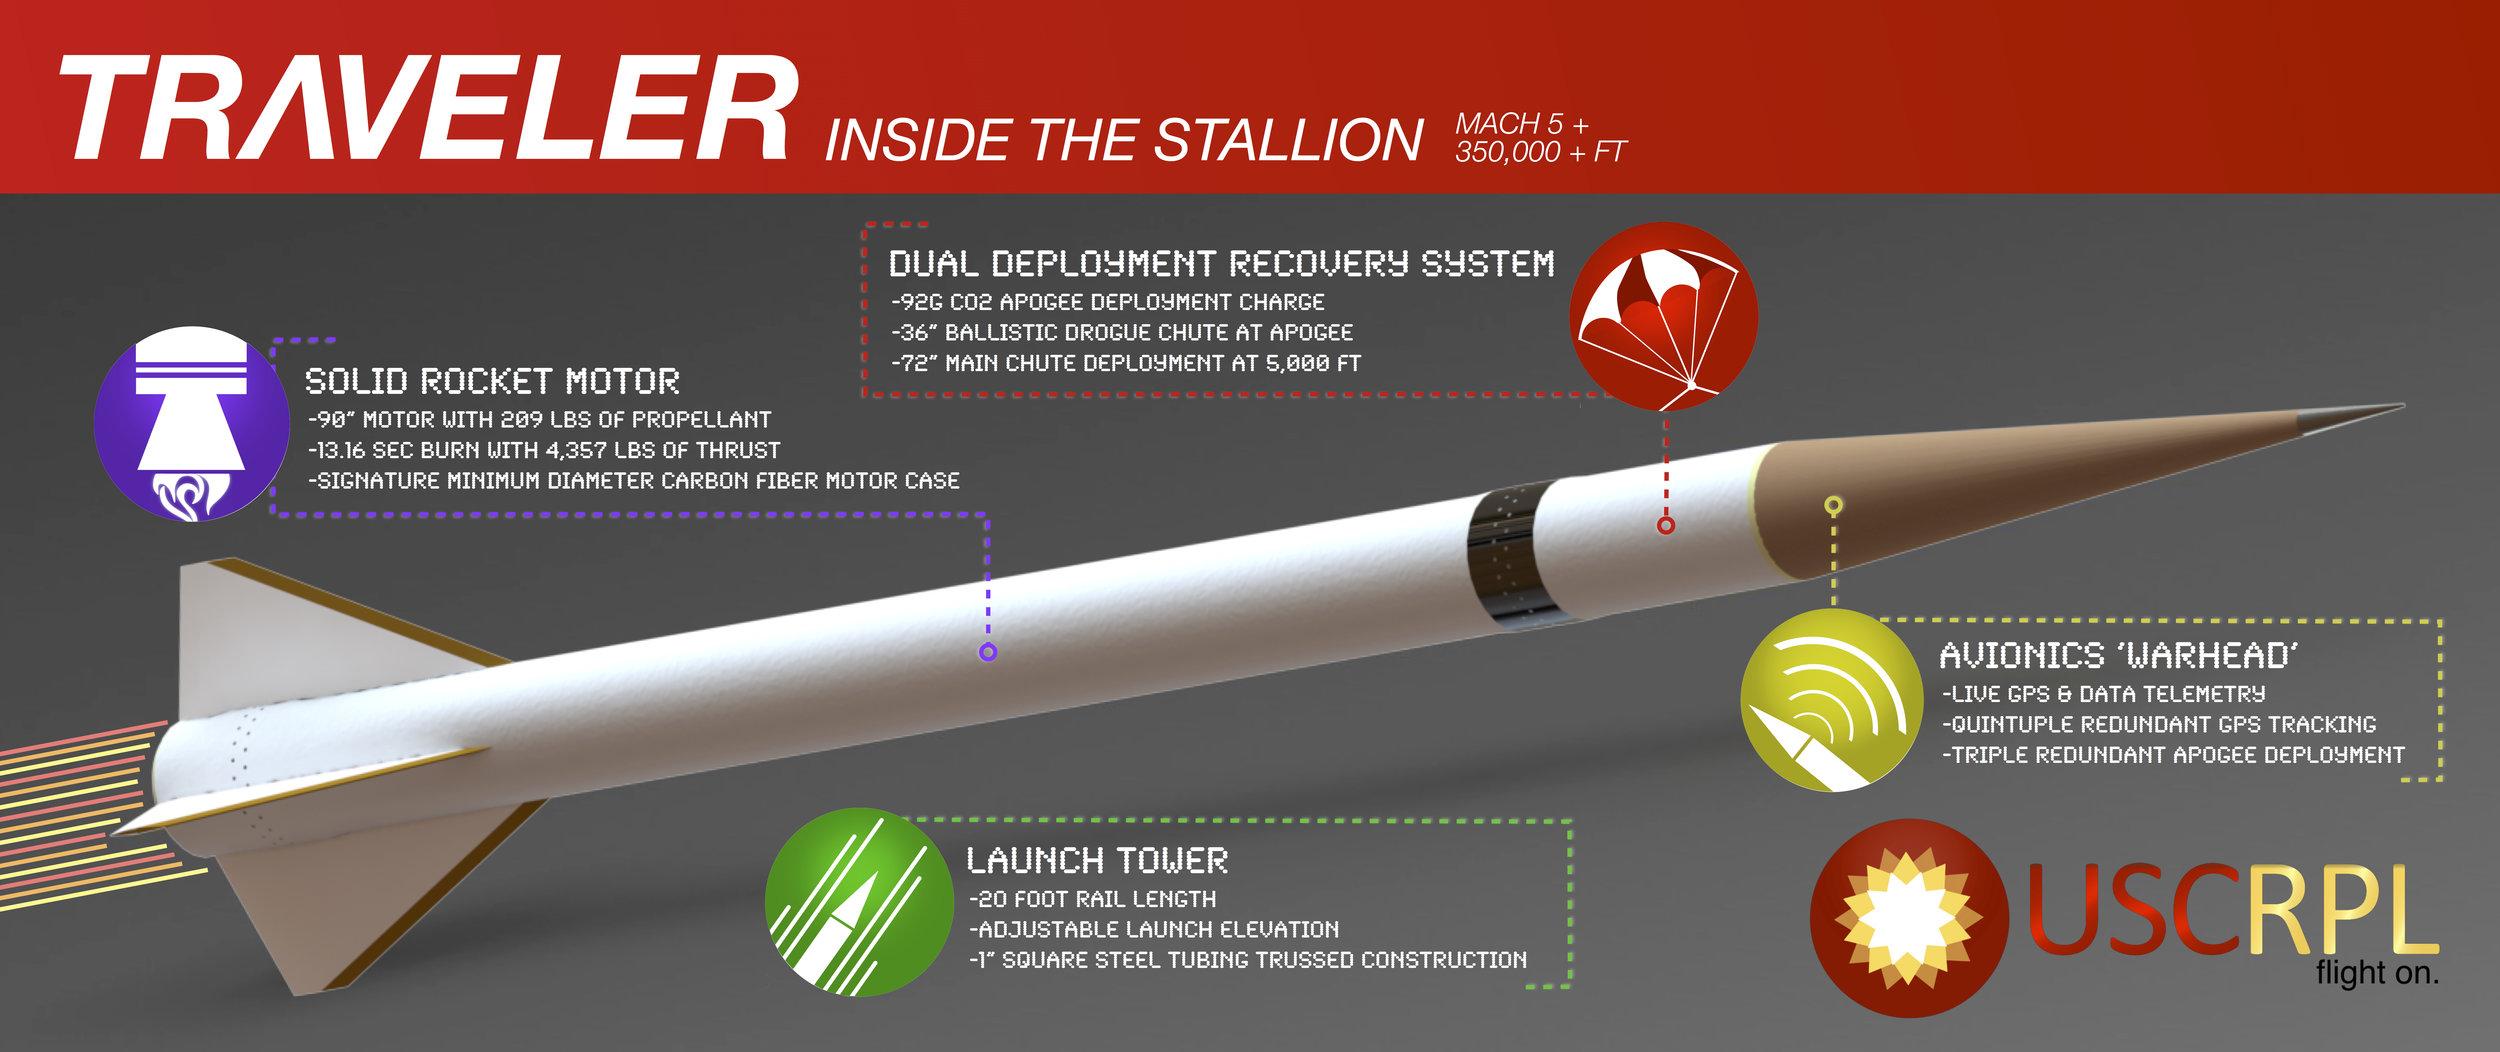 Inside the Stallion 2.jpg